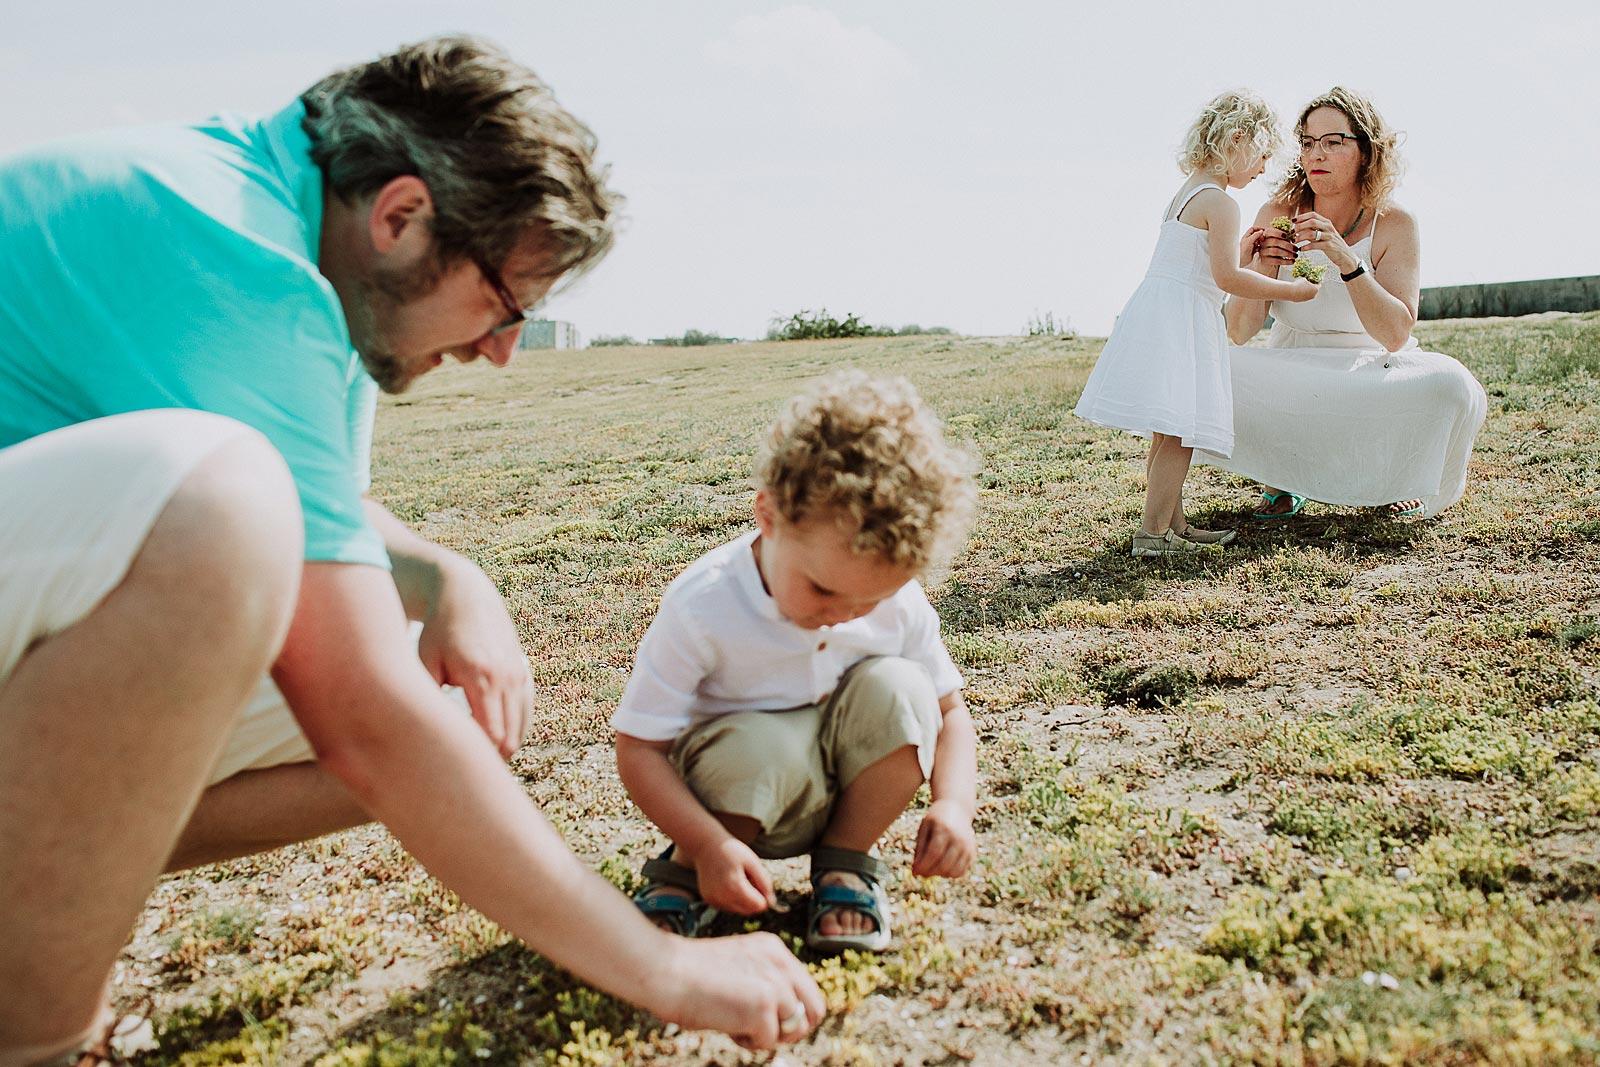 bloemen plukken familieshoot amsterdam